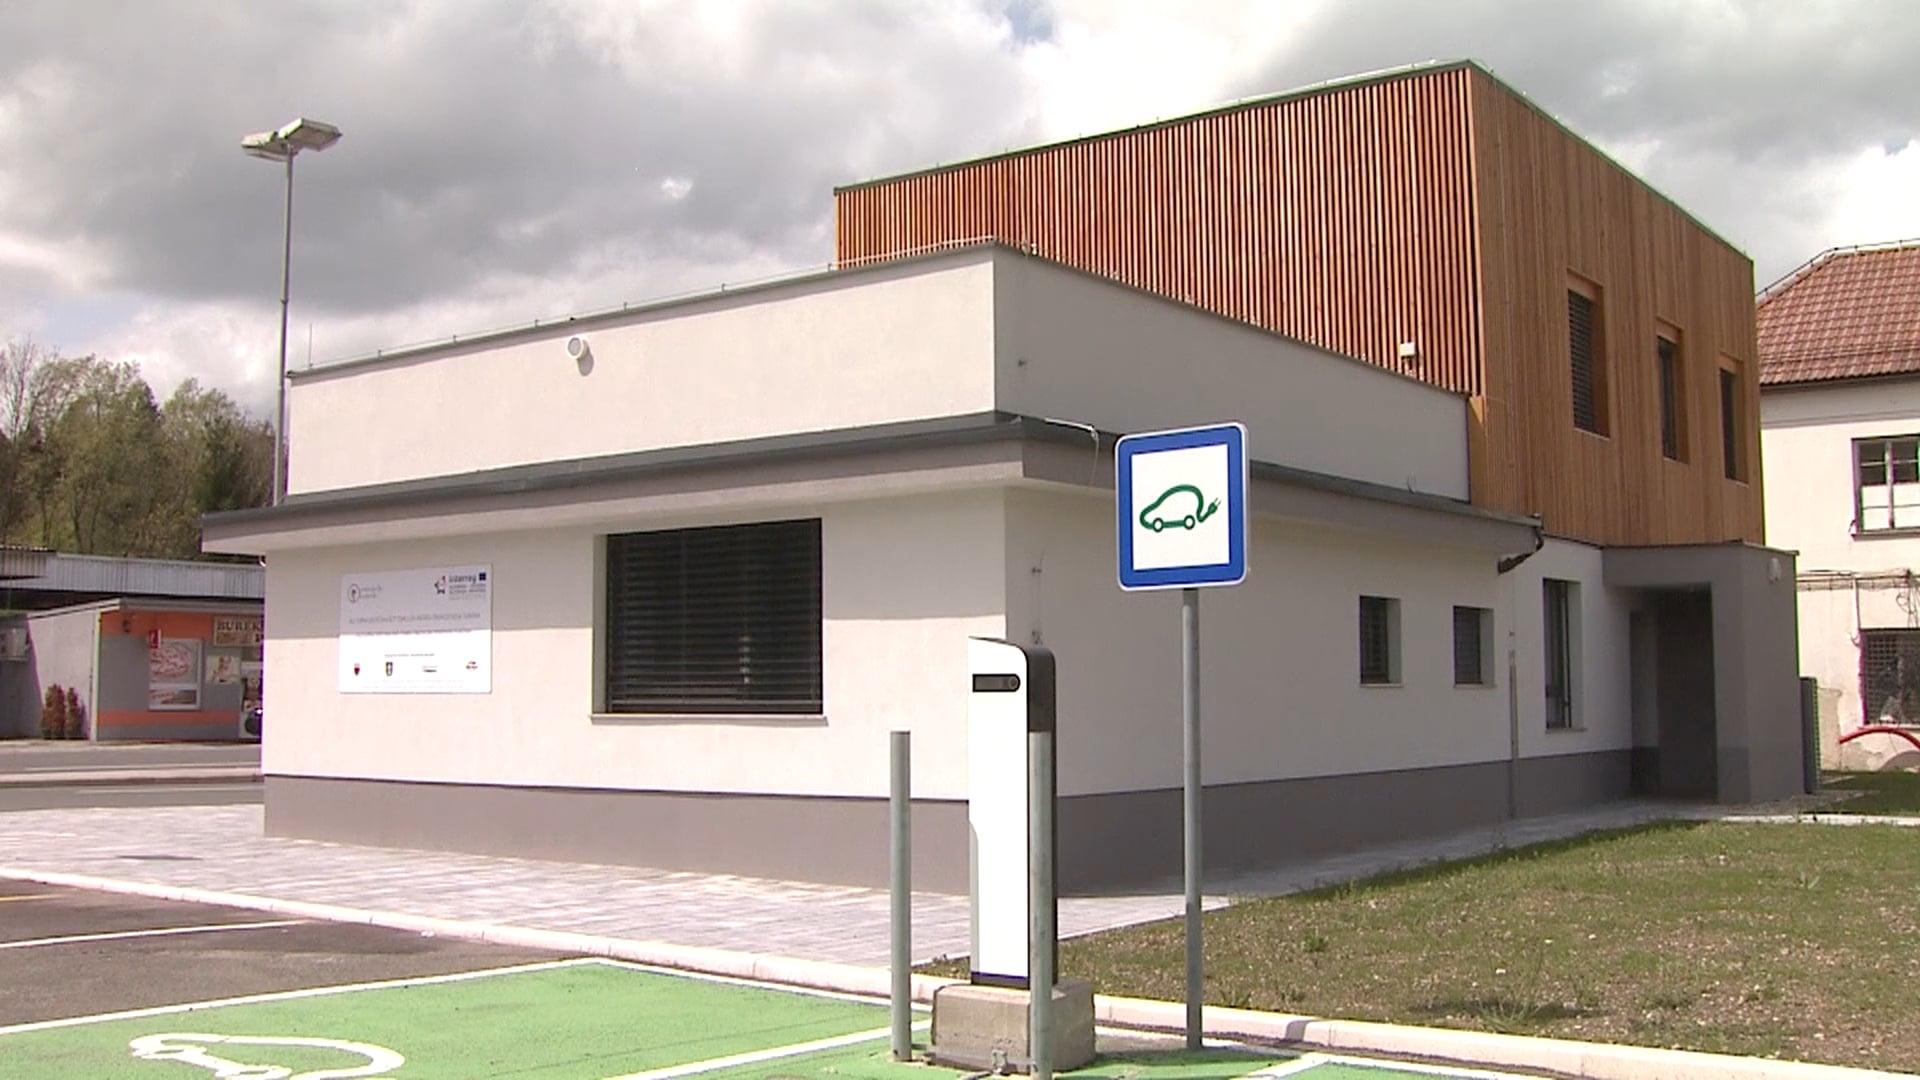 Regionalno turistično središče Šentilj